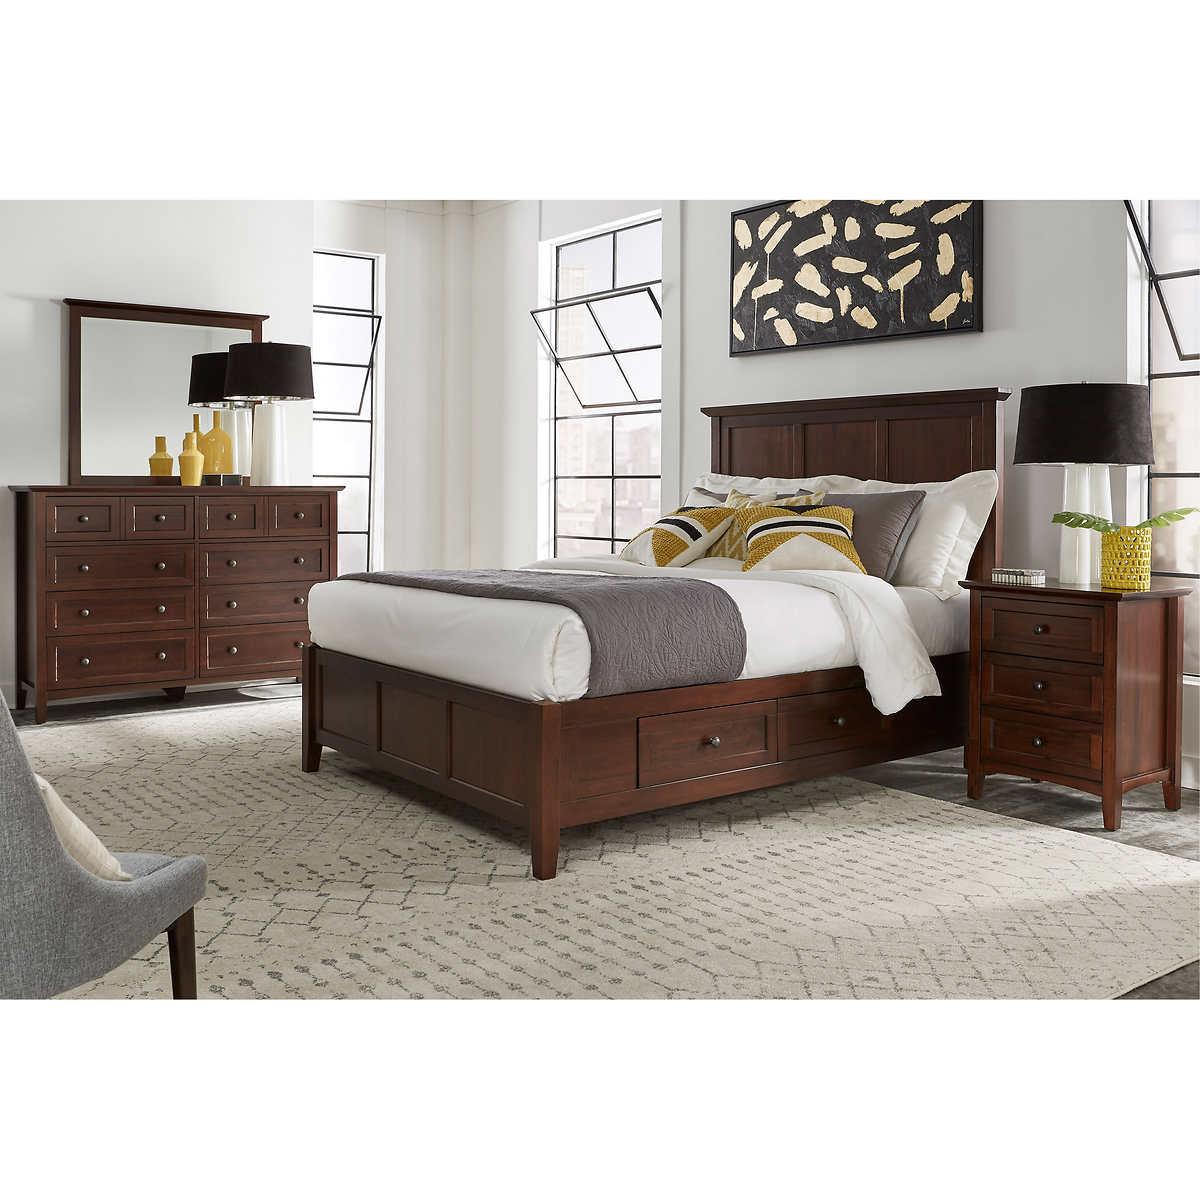 Queen Bedroom Sets With Storage pendleton 5-piece queen storage bedroom set